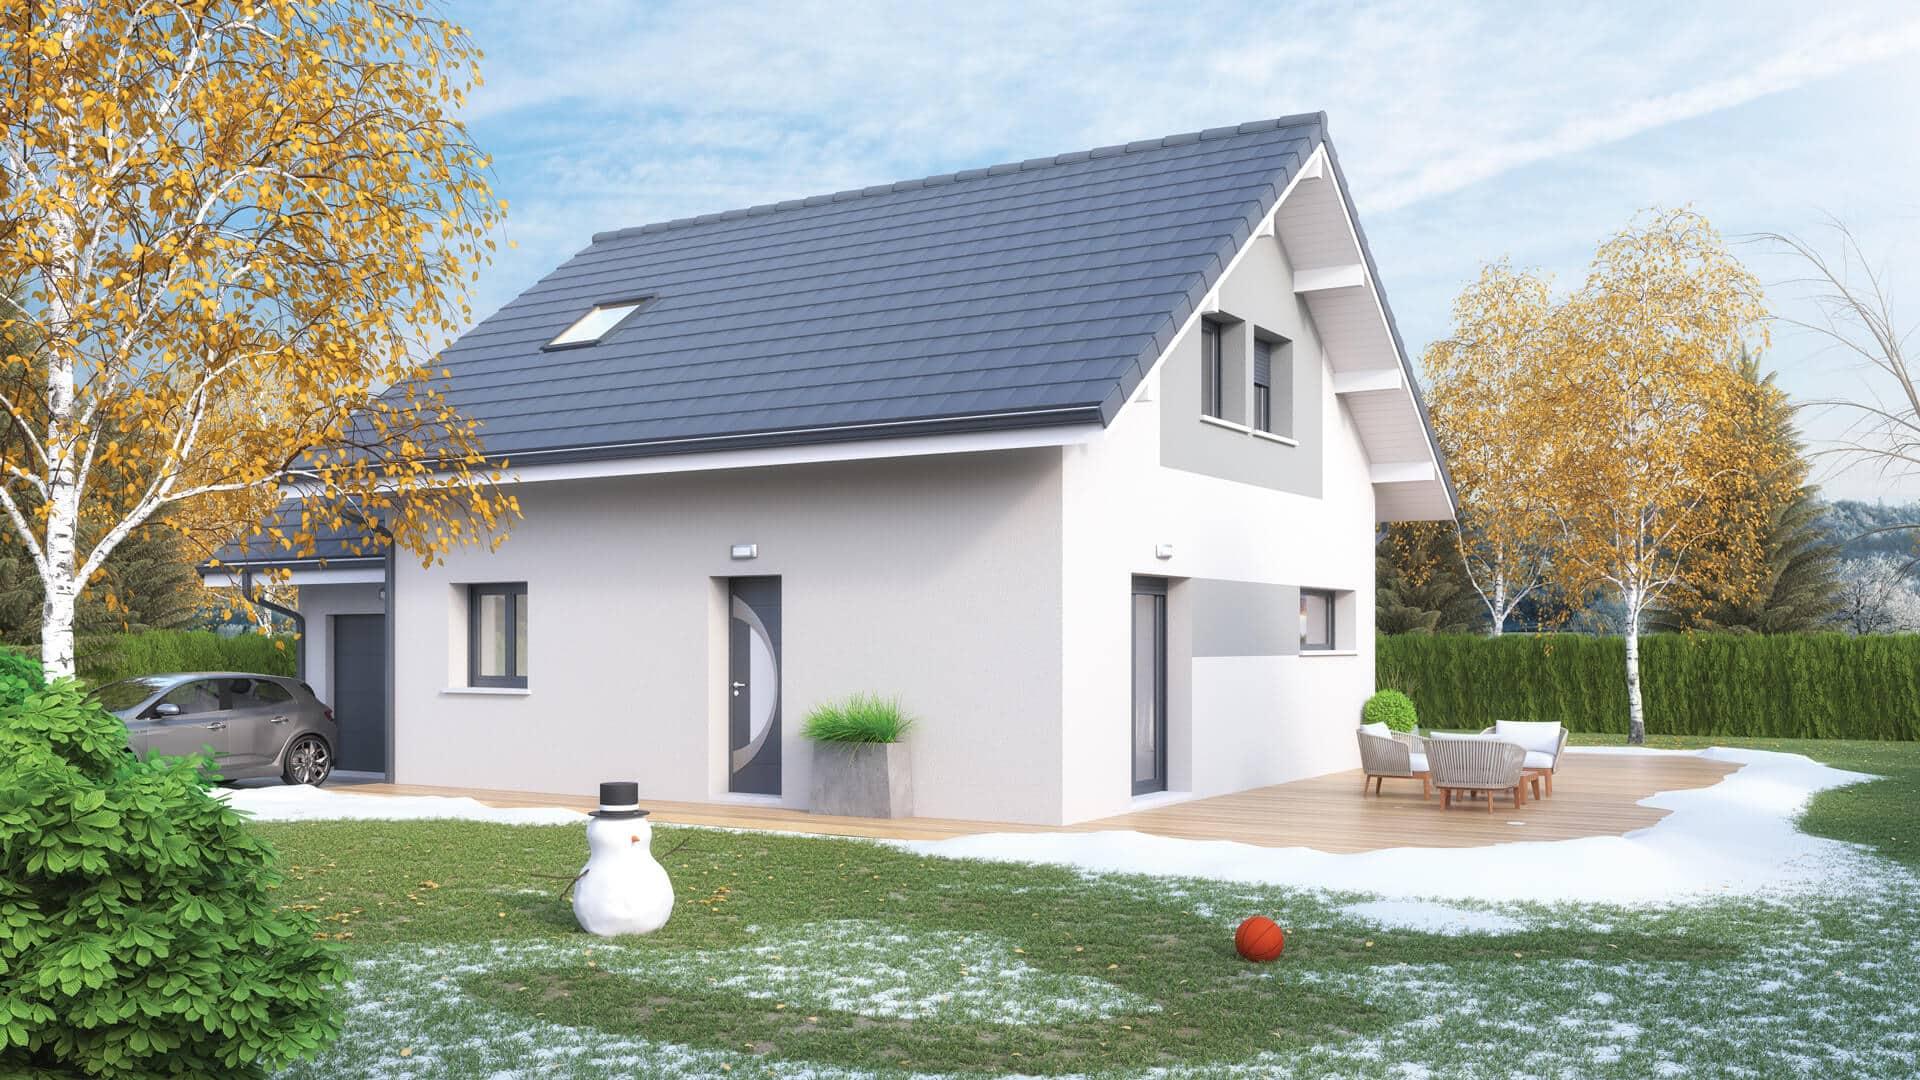 Plan Maison Gratuit